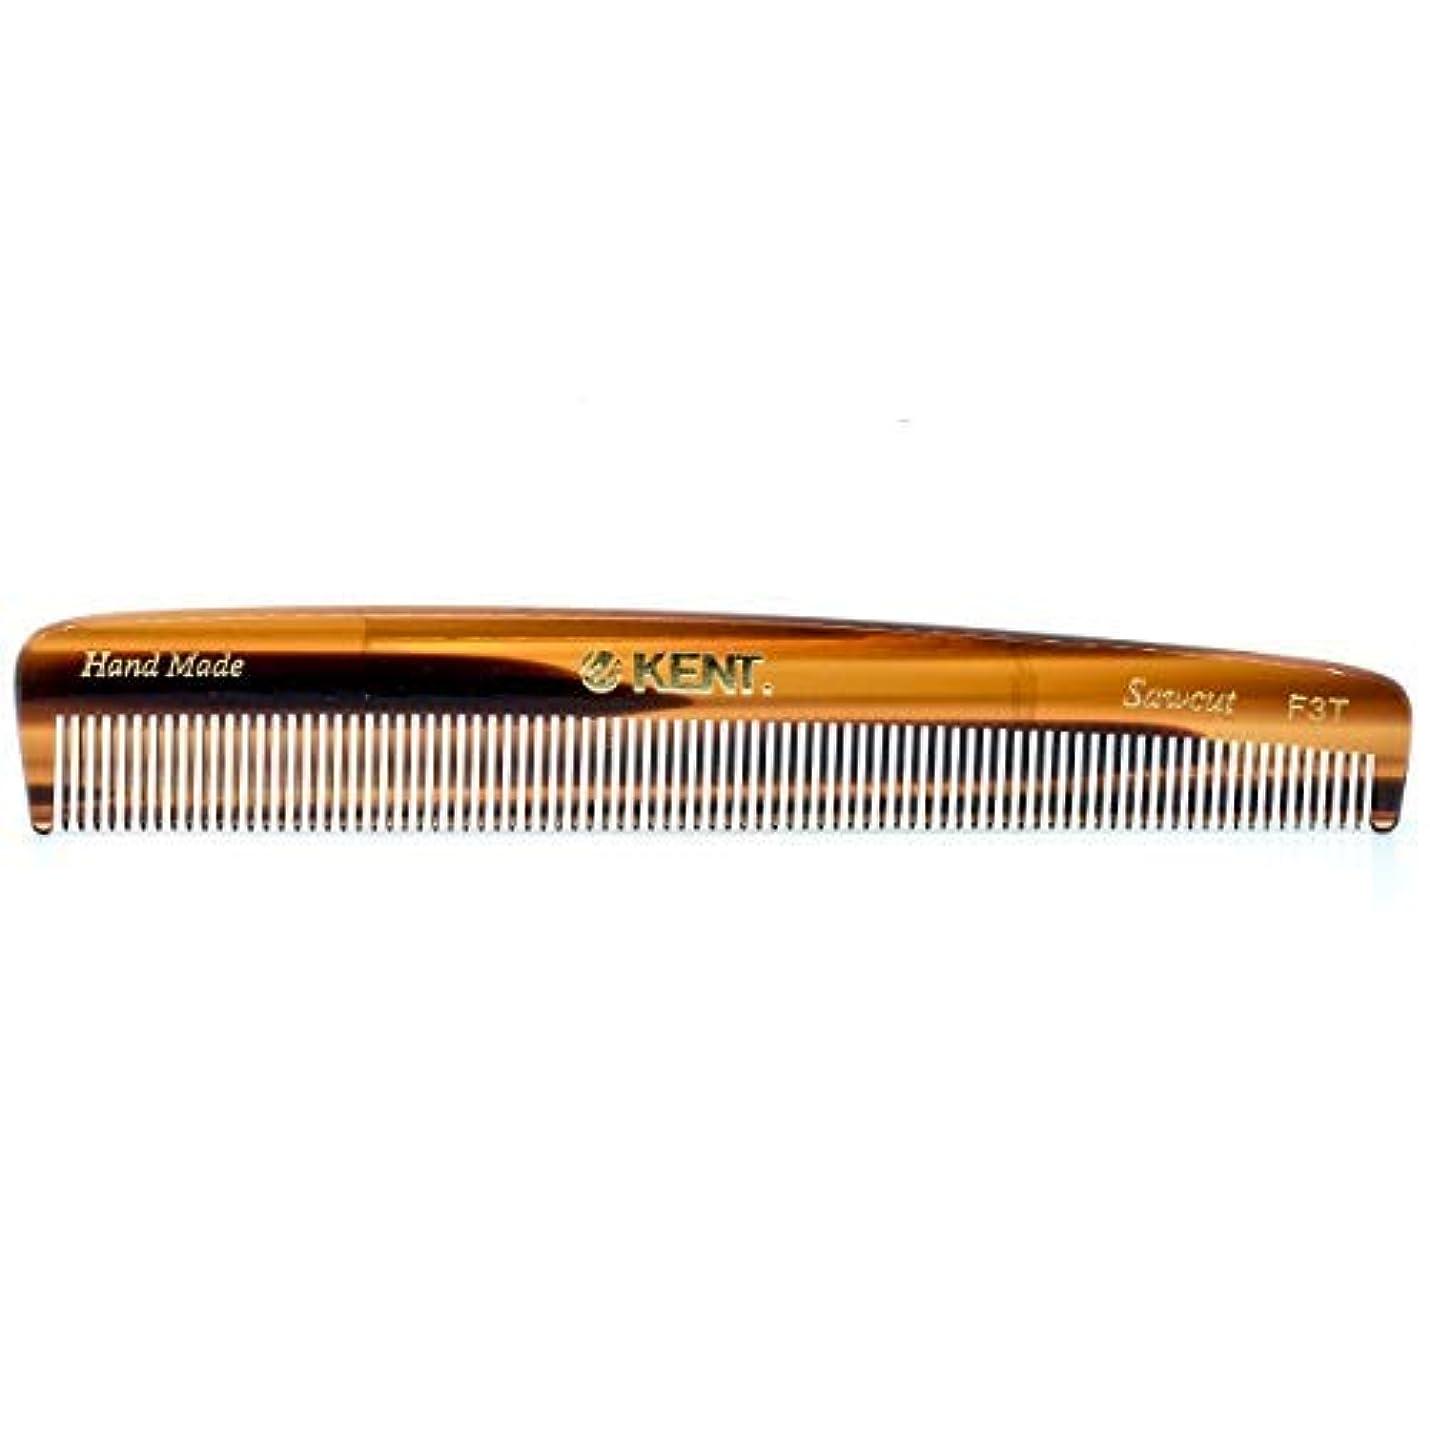 悪因子なめるレビューKent F3T The Hand Made - All Fine Dressing Comb 160mm/6.25 Inch [並行輸入品]